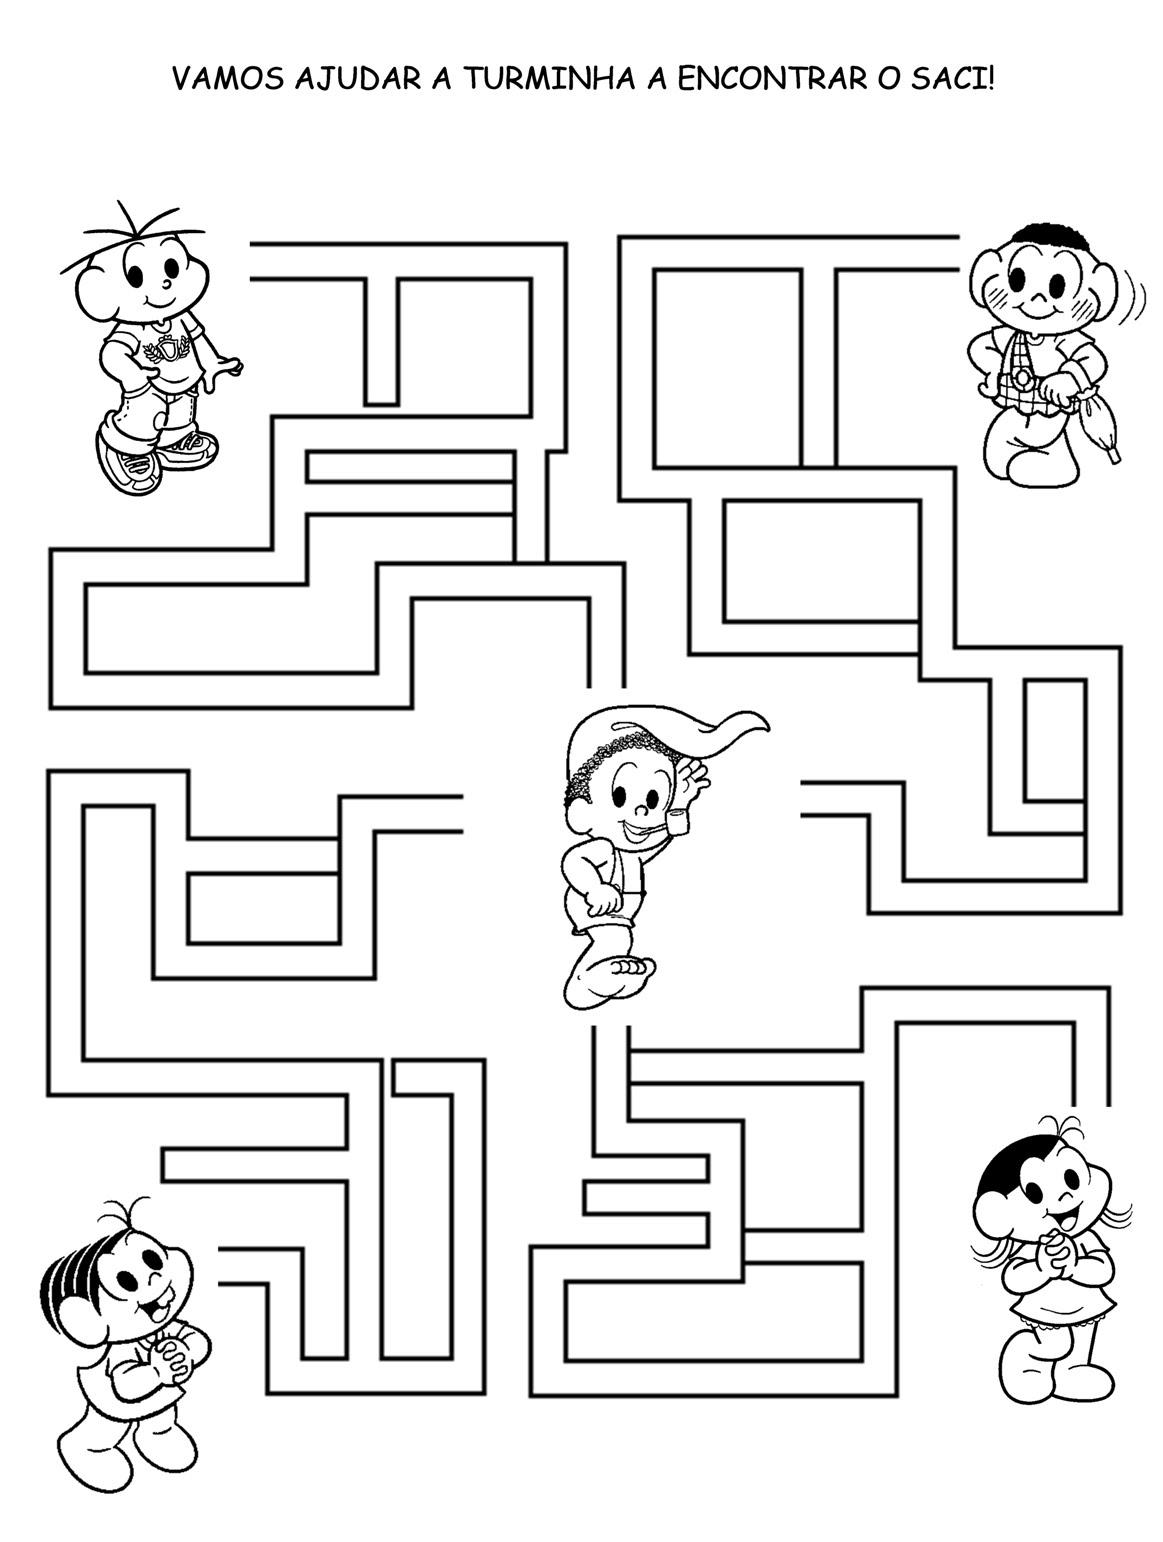 desenho de jogo do labirinto turma do chico bento para colorir